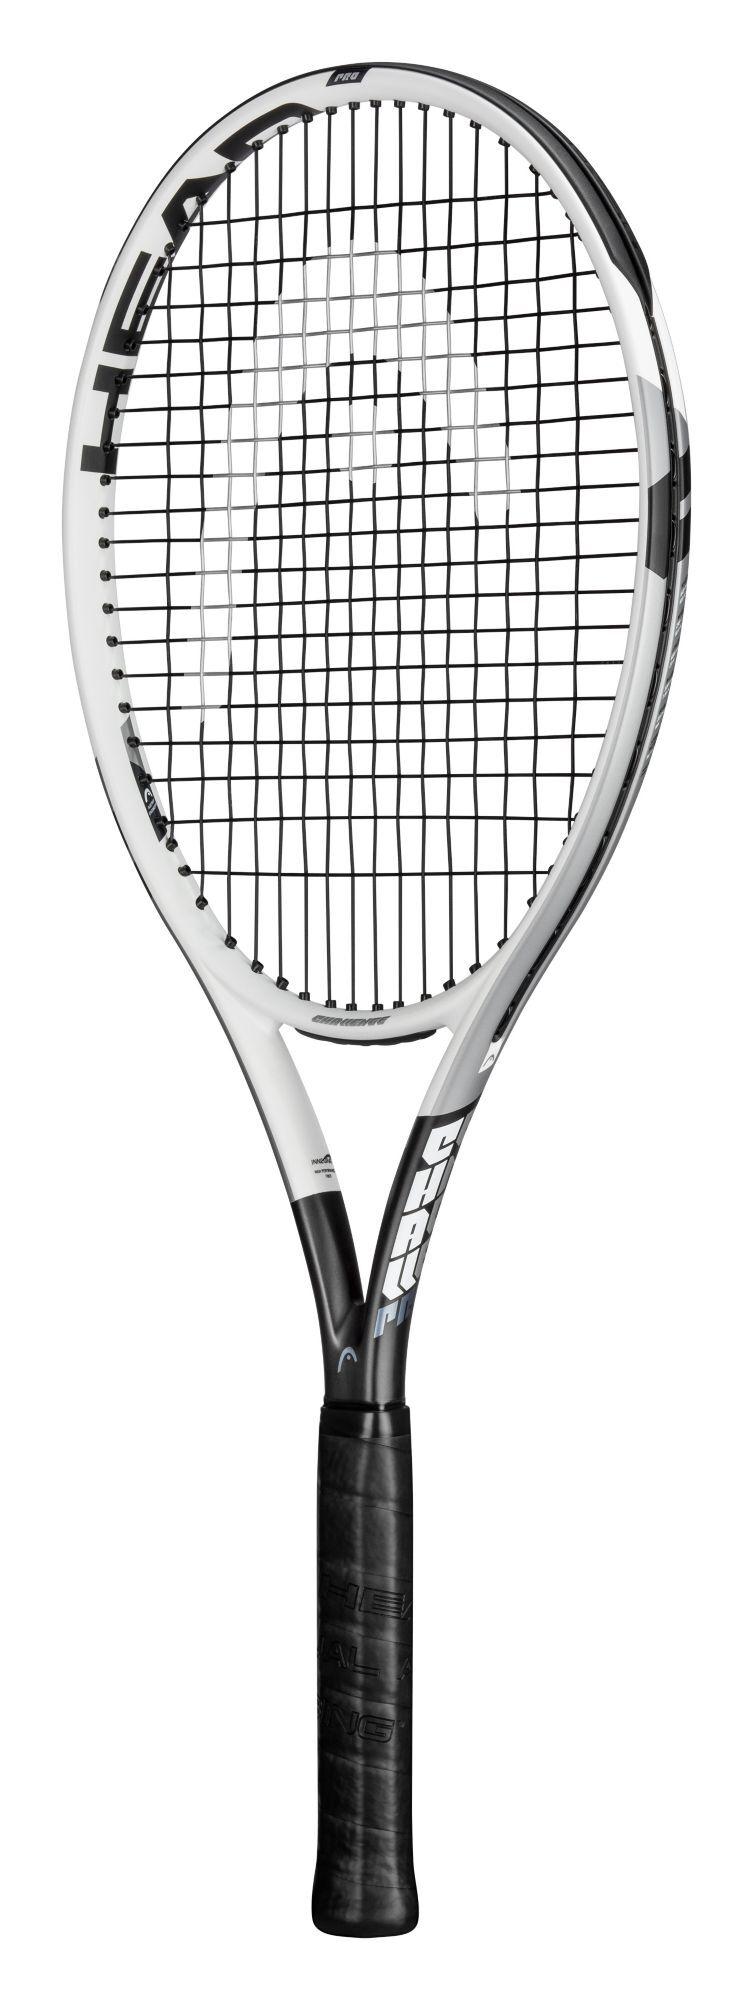 Head IG Challenge Speed Tennis Racquet, Size 4 3/8, White